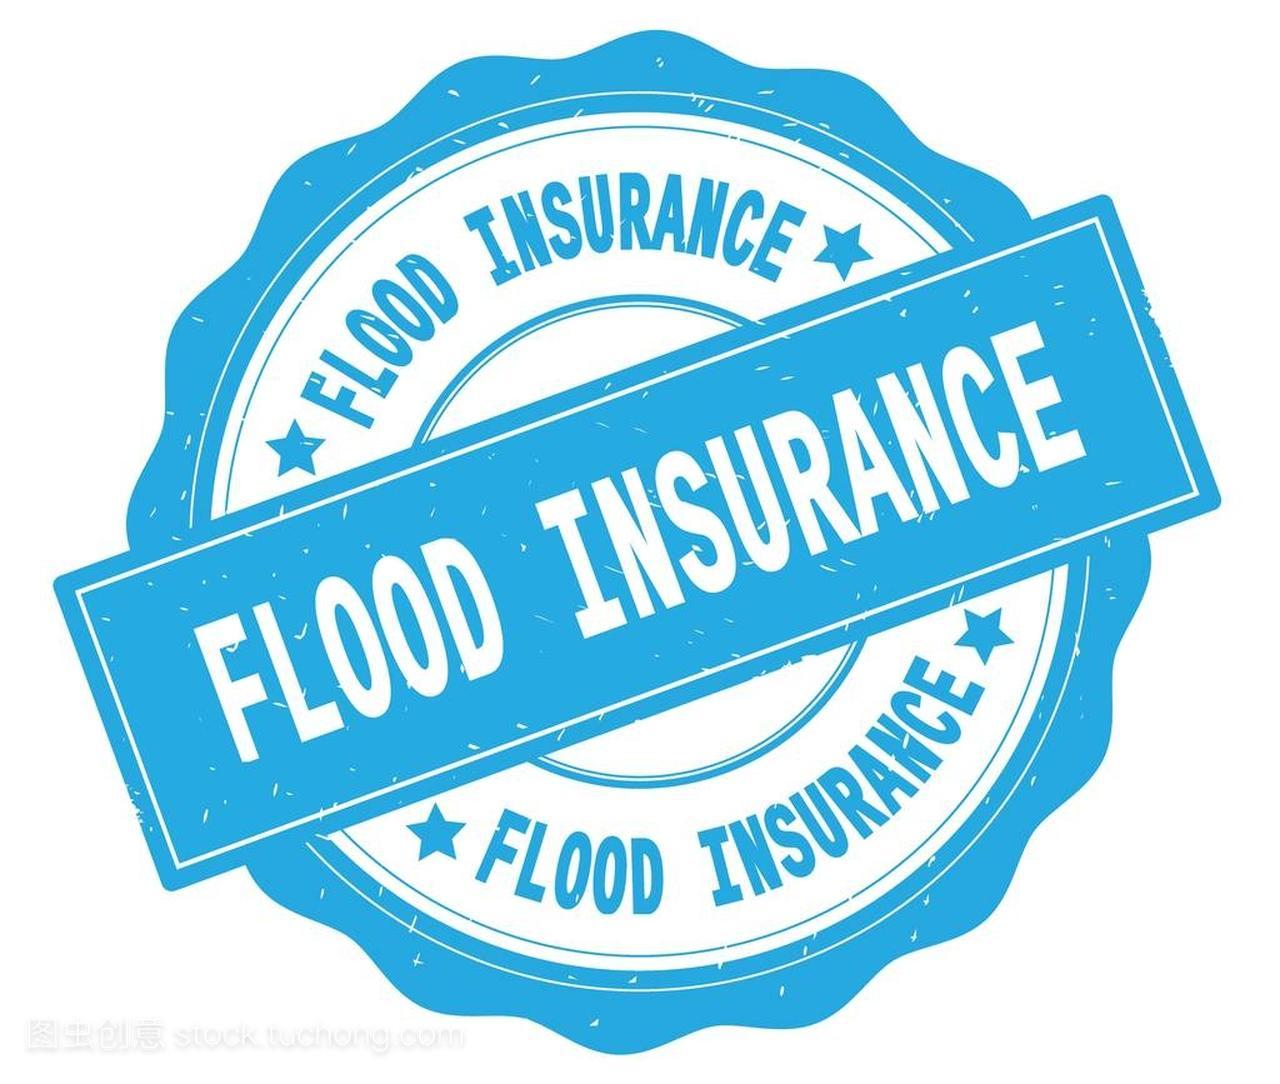 洪水保险文本, 写在青色圆形徽章